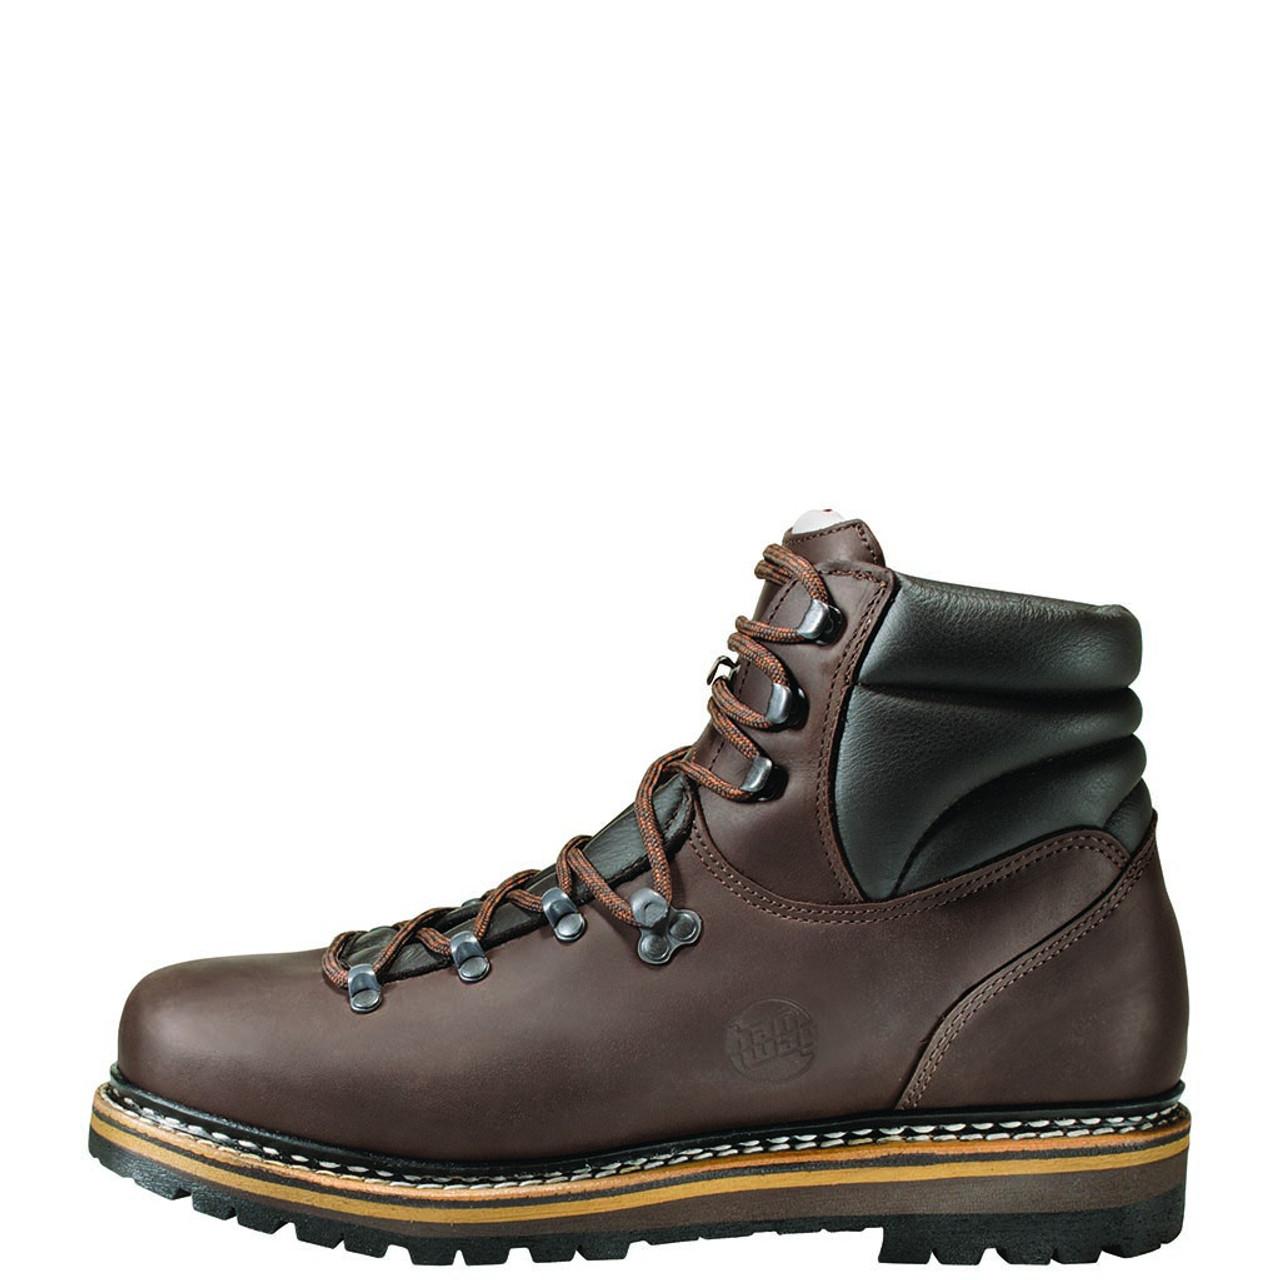 444ac343d19 Men's Hanwag Grunten Hiking Boots